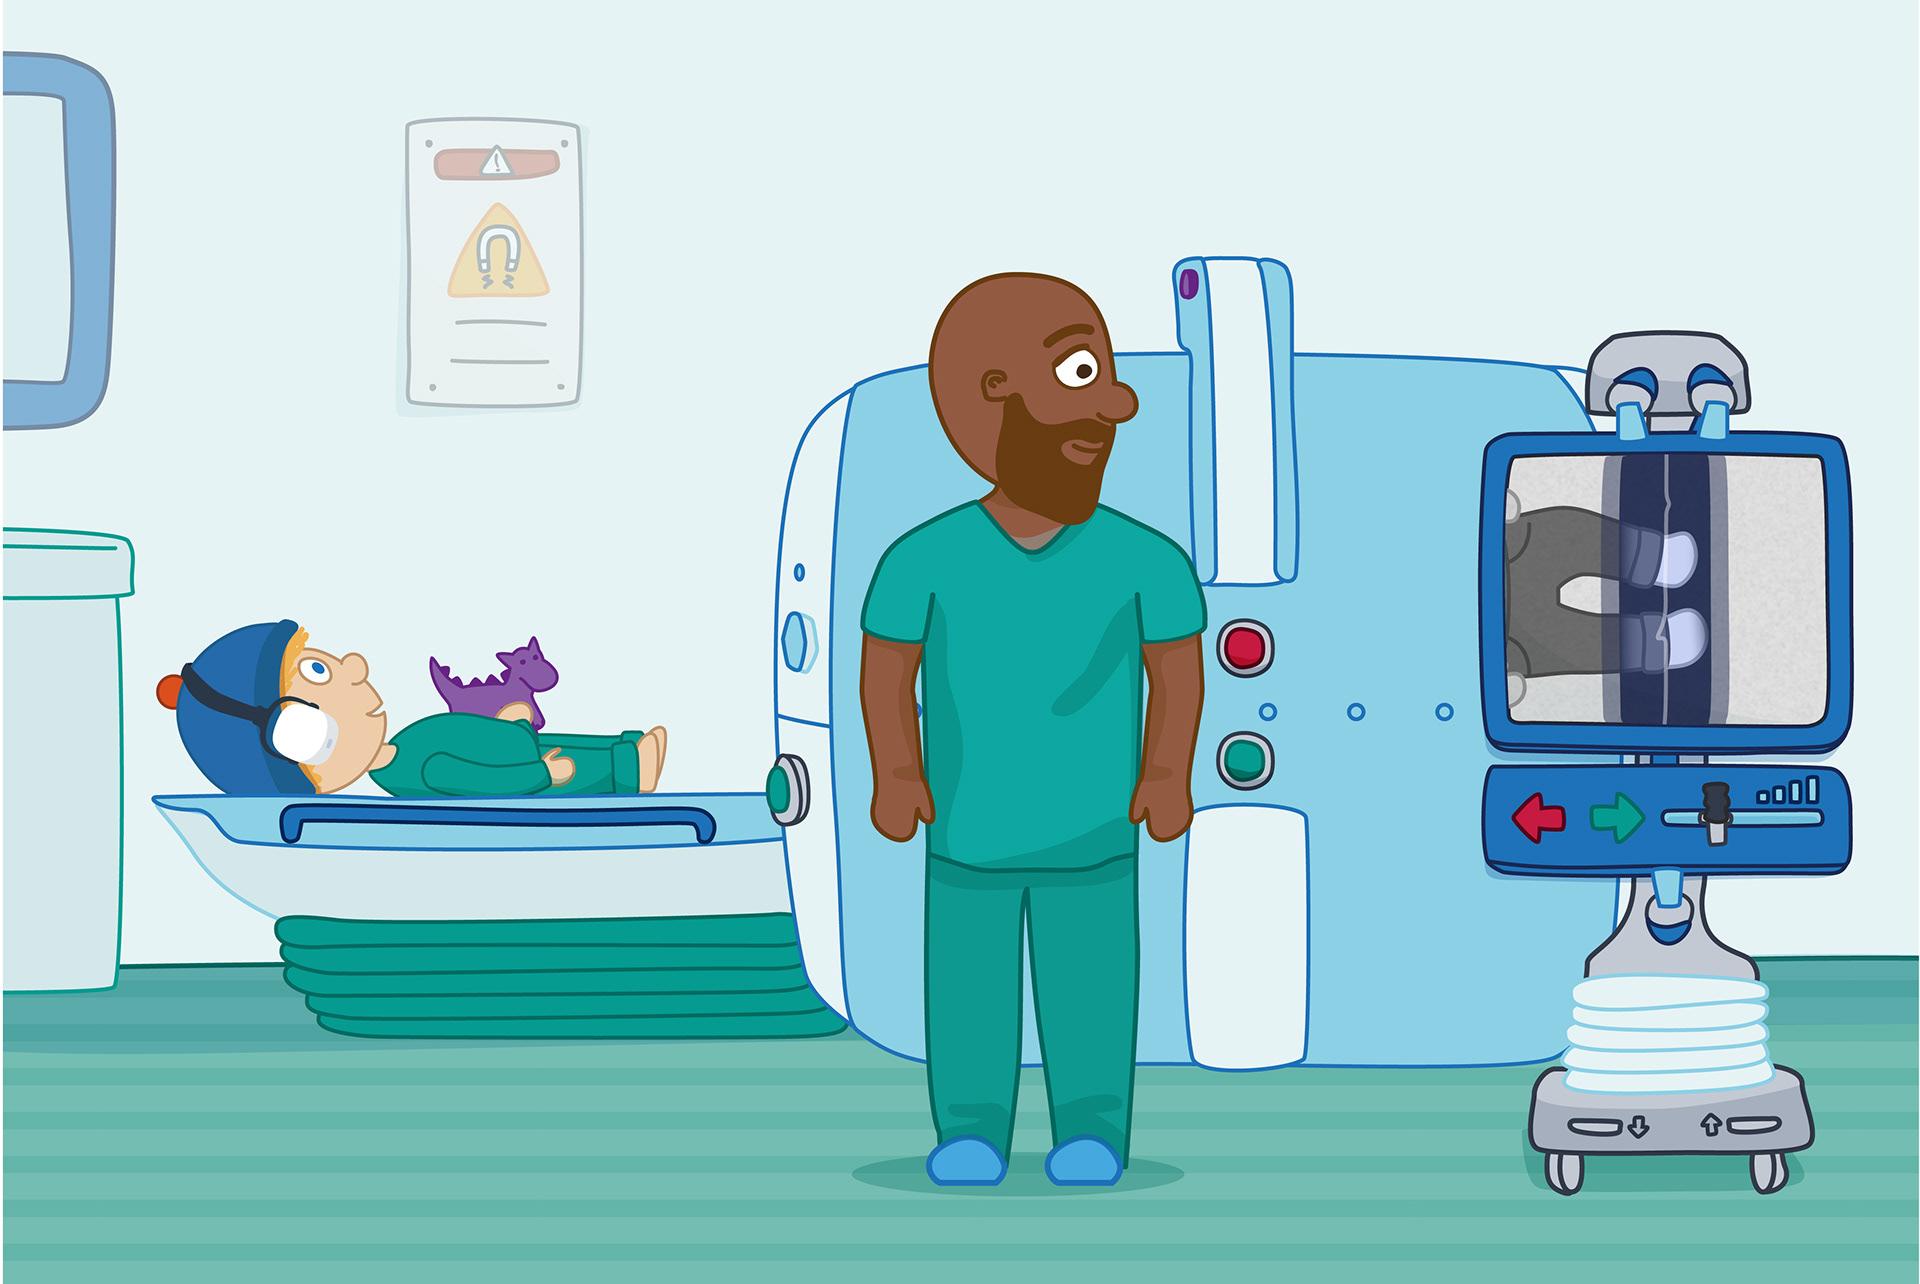 Charlie has an MRI scan